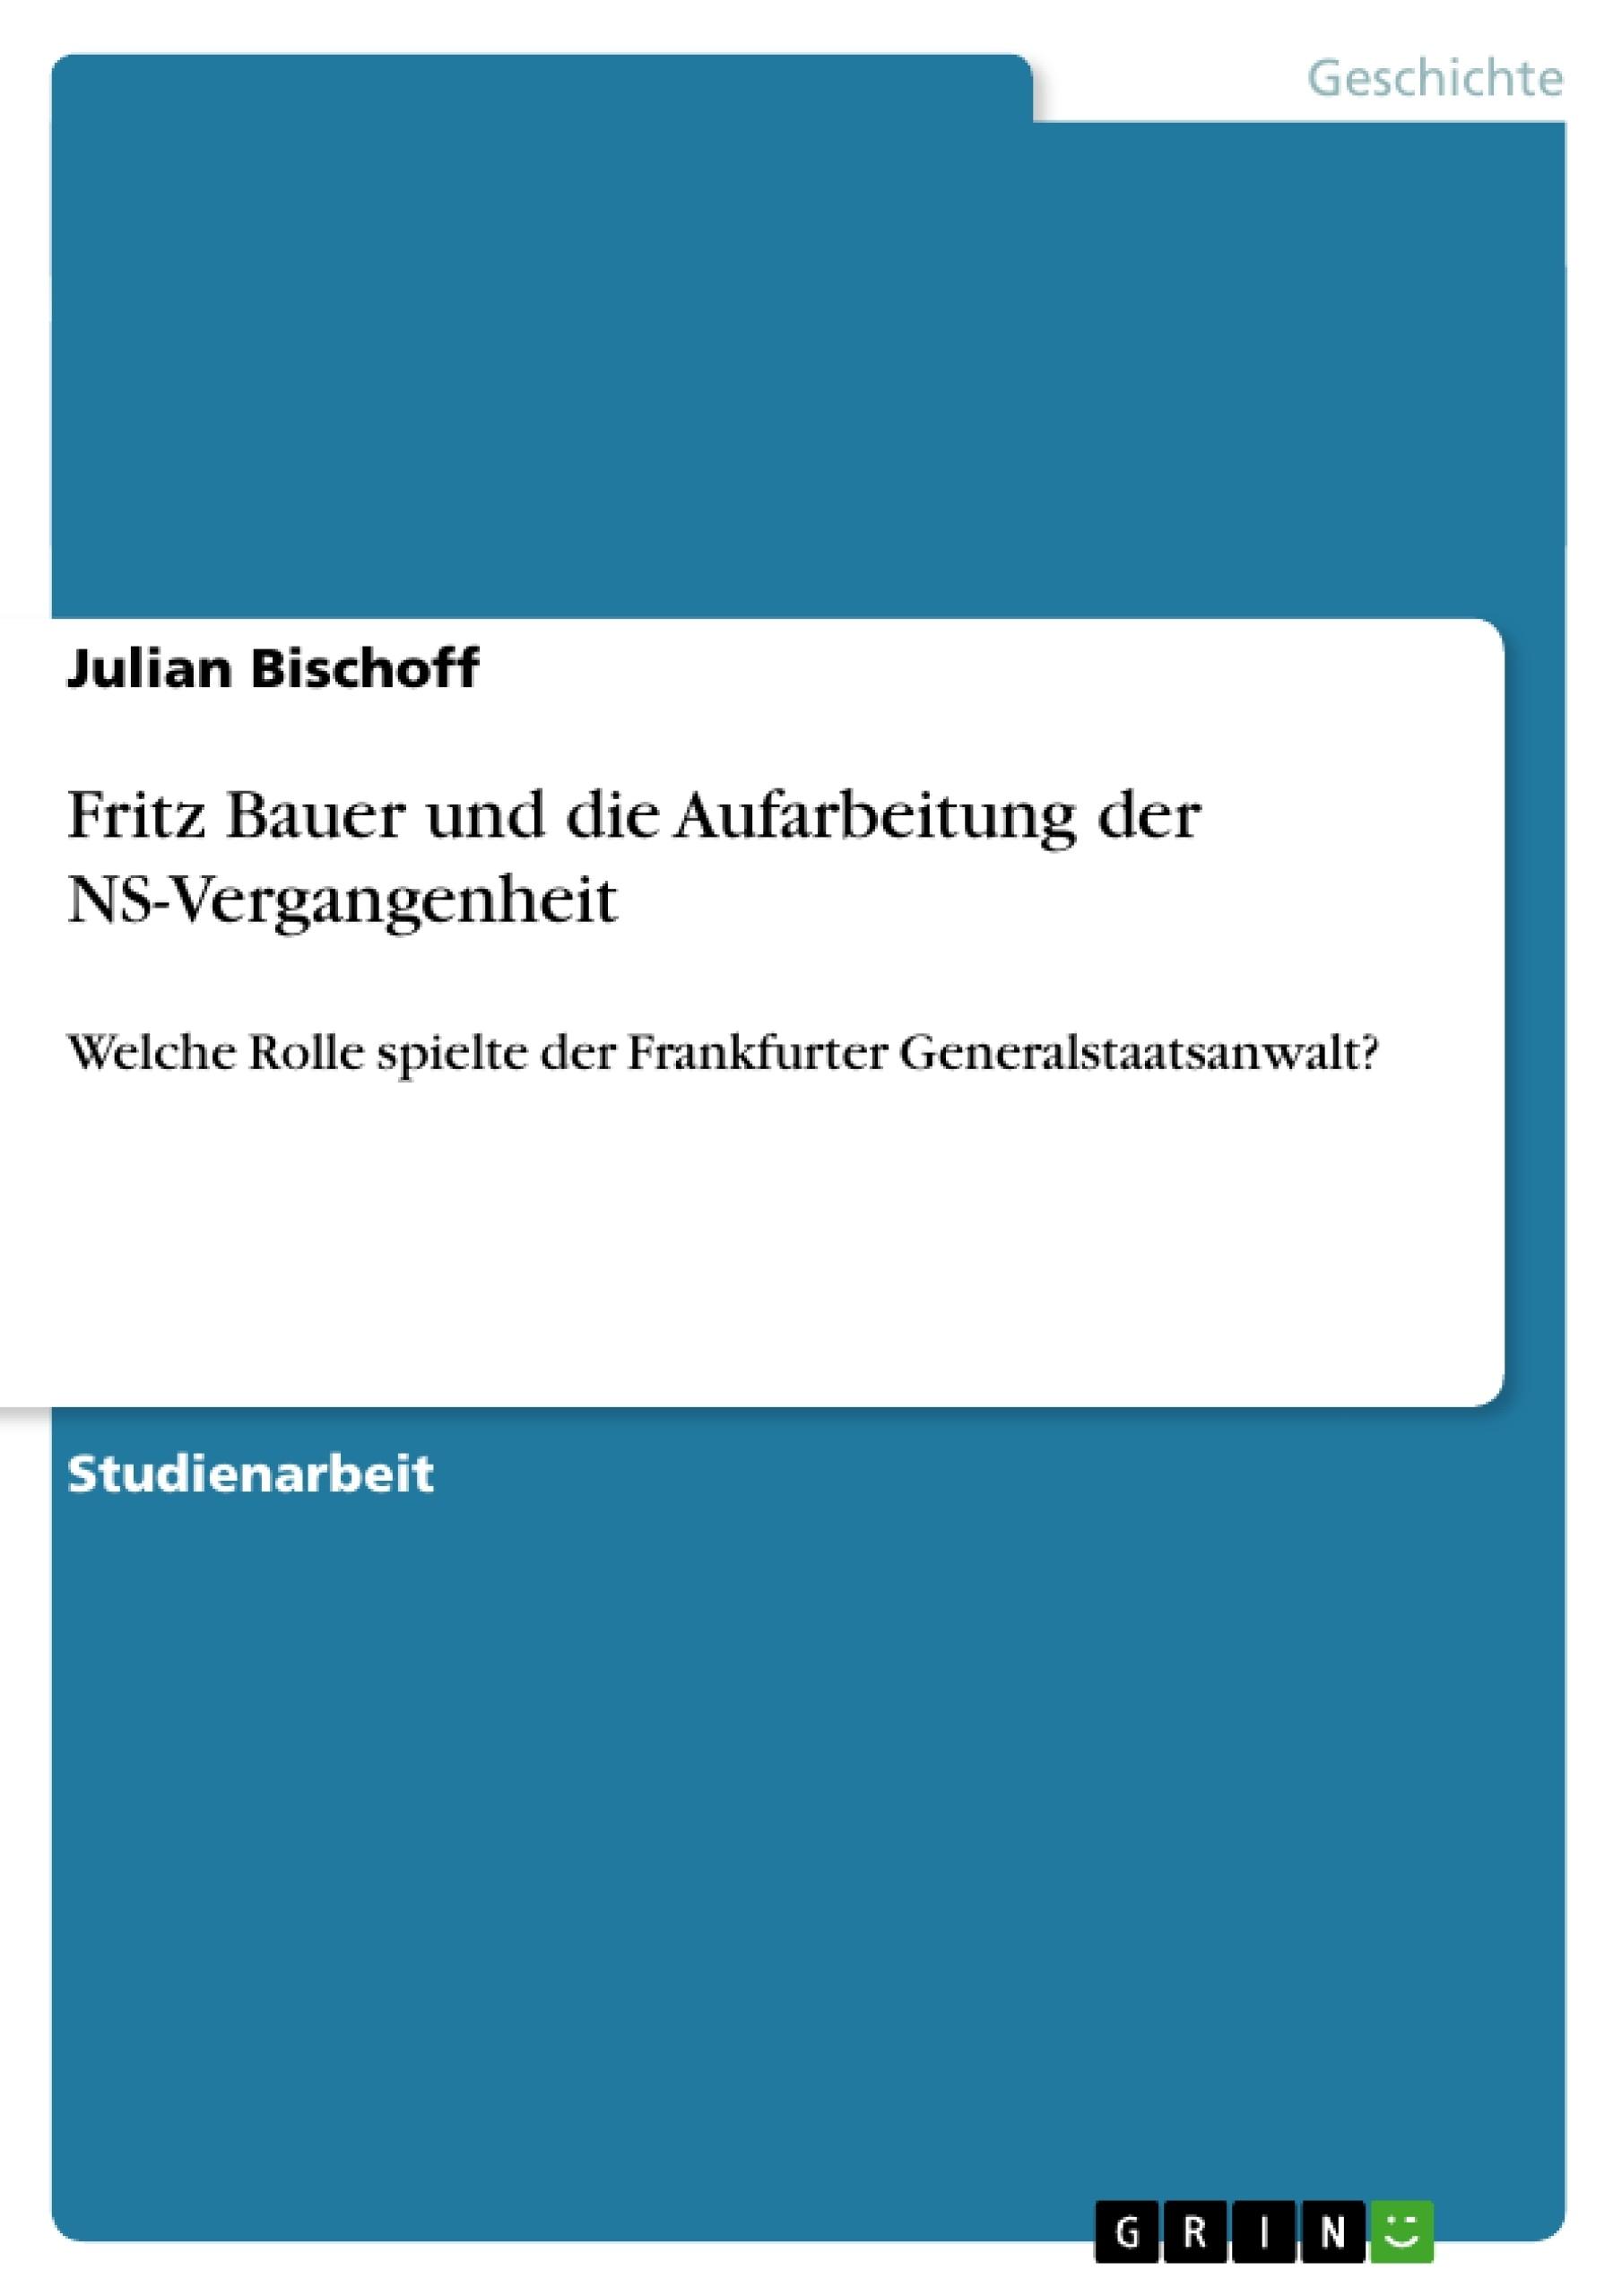 Titel: Fritz Bauer und die Aufarbeitung der NS-Vergangenheit